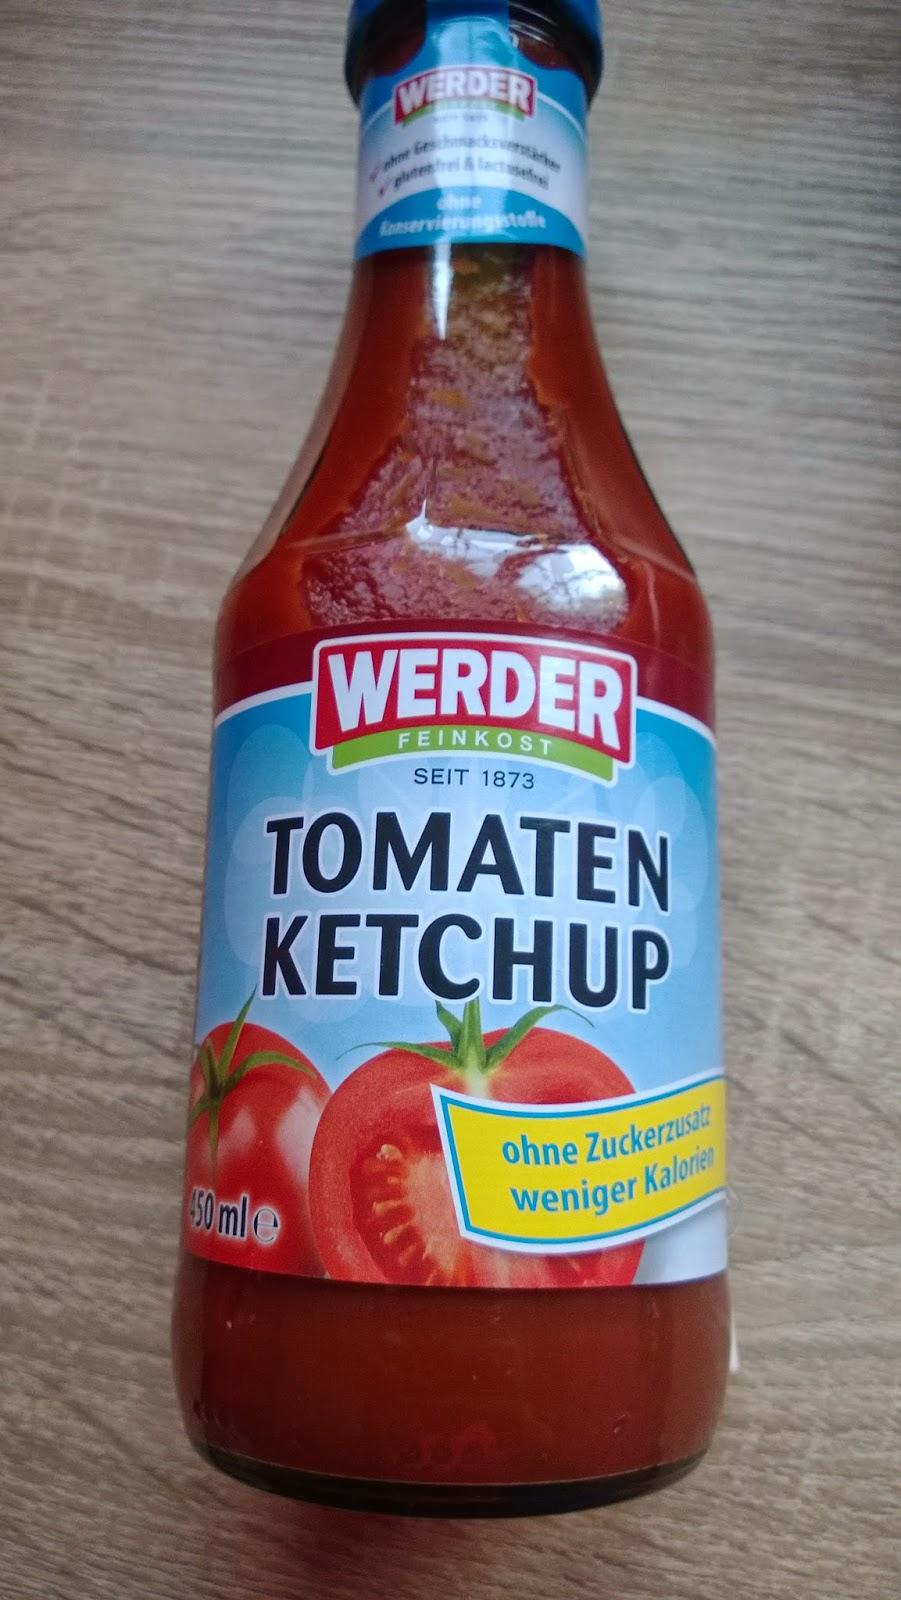 Tomaten Ketchup ohne Zuckerzusatz.